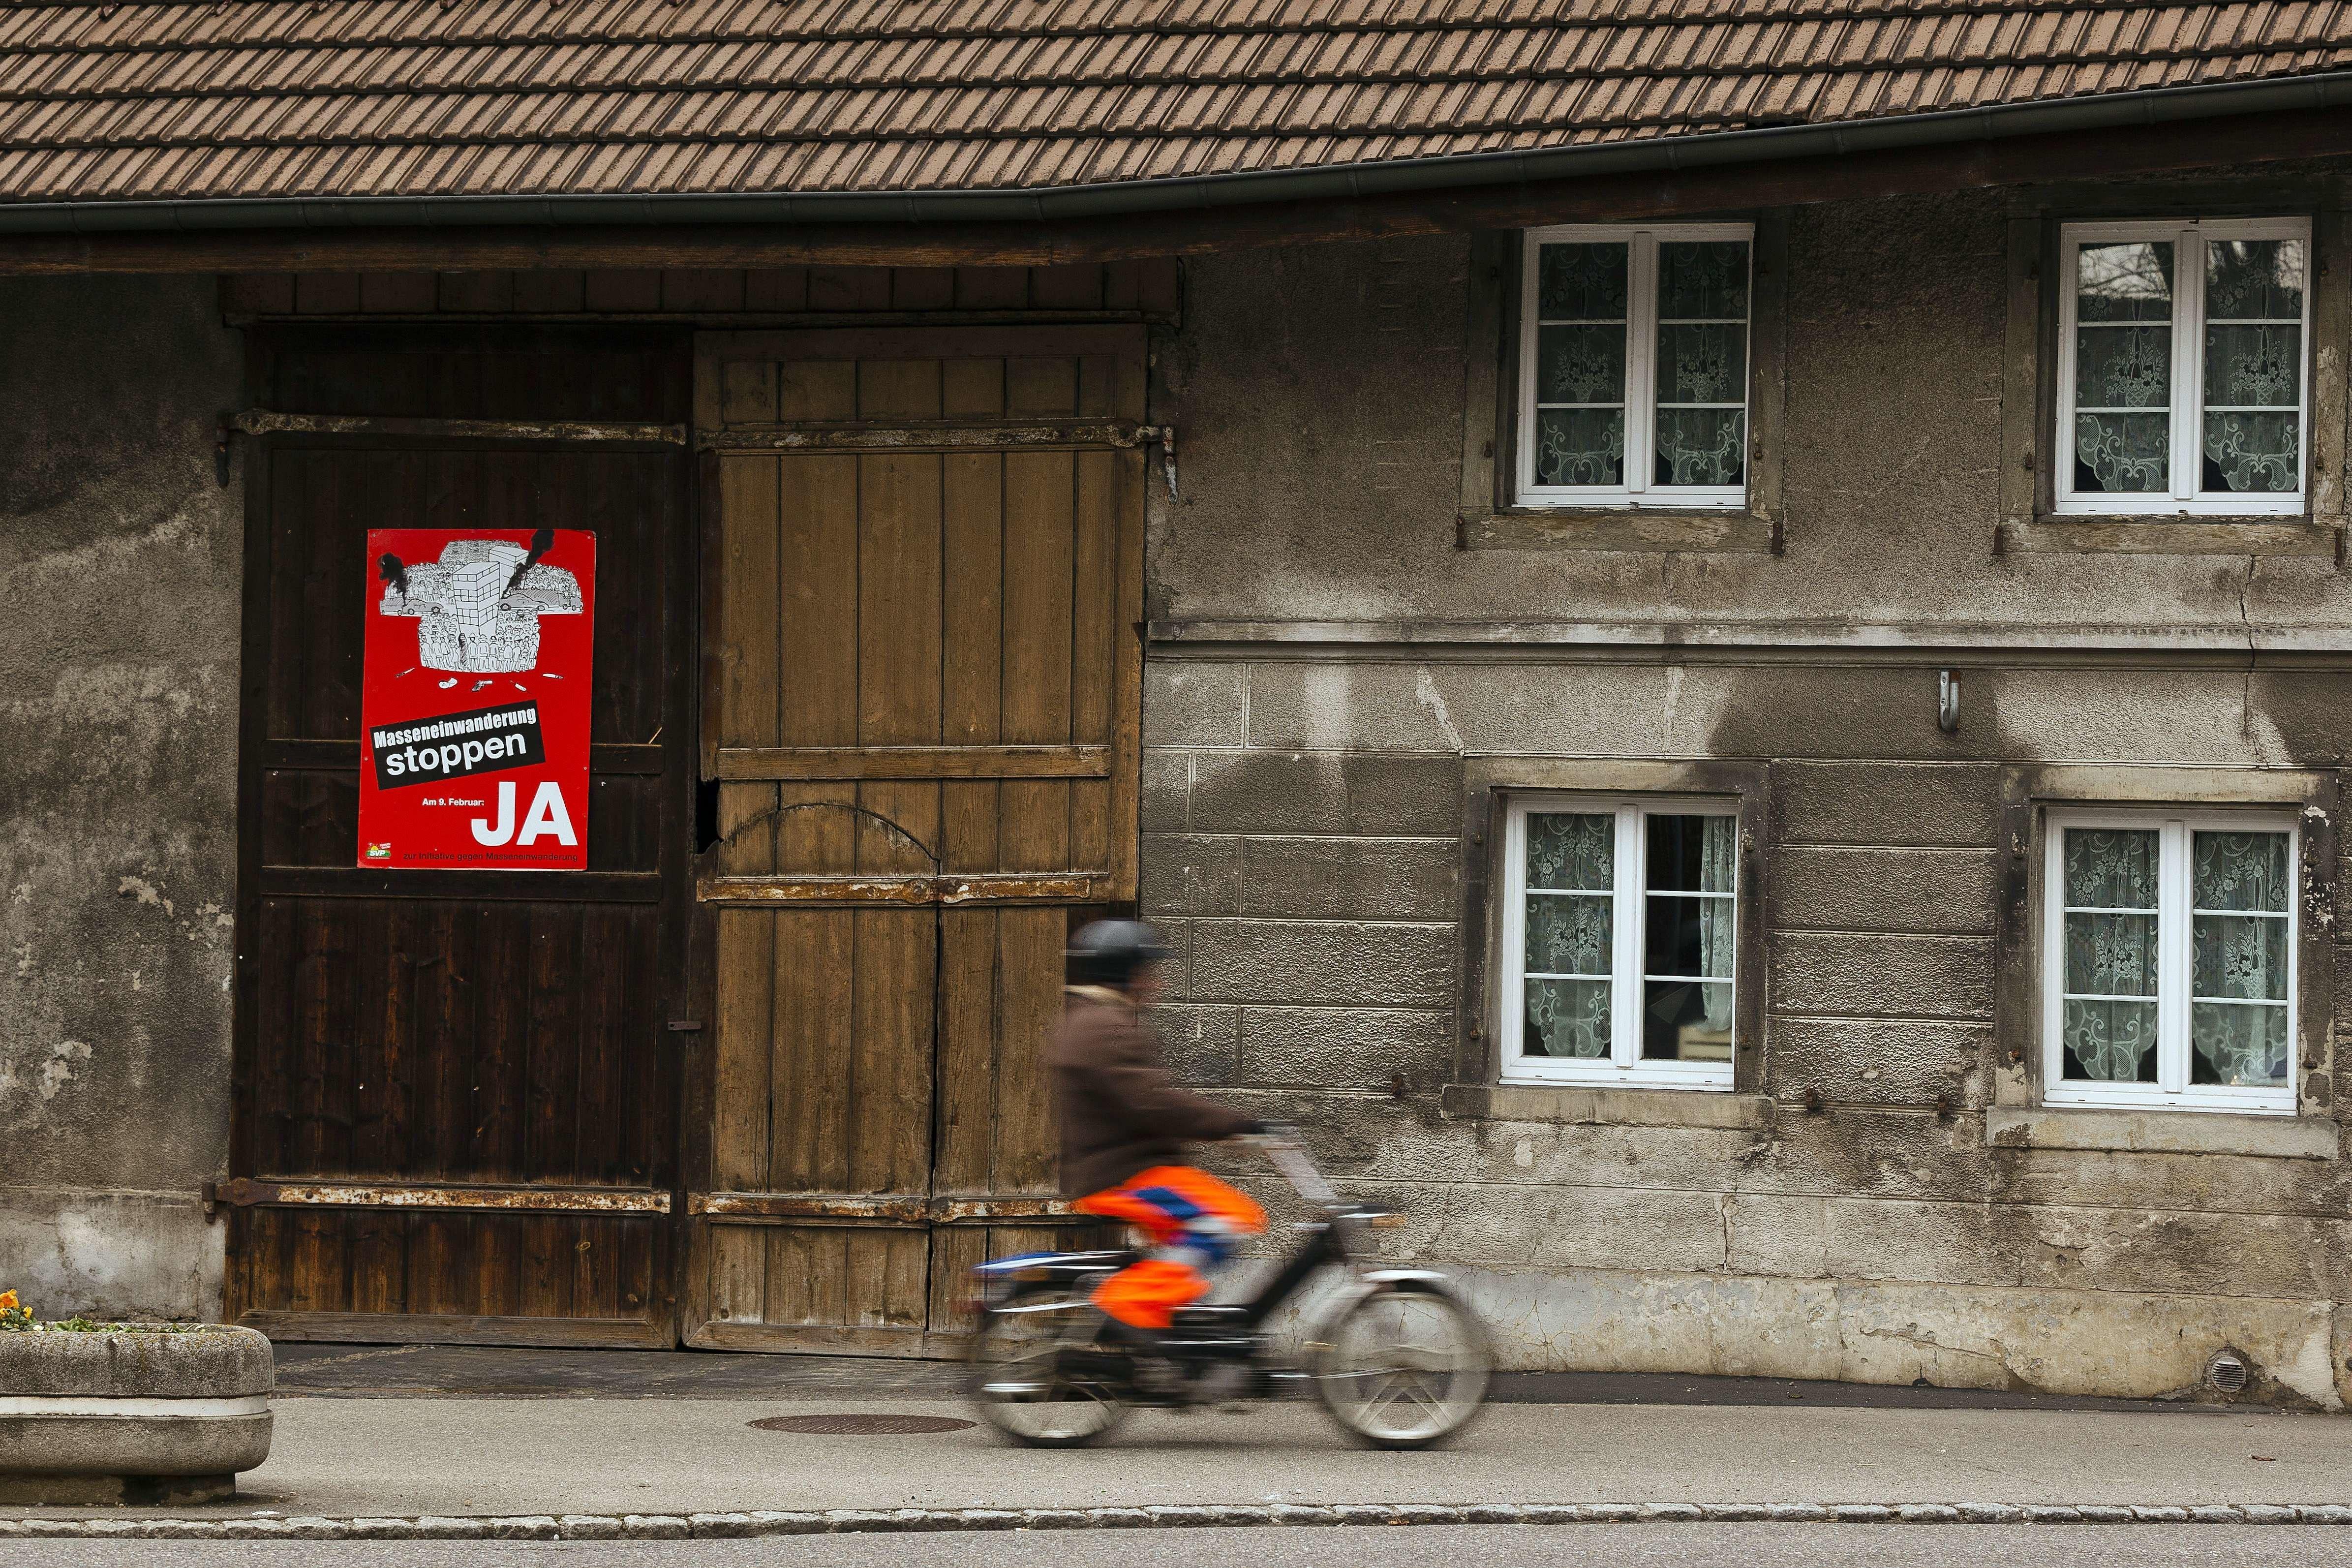 Schweiz: Mann verfolgt Frauen auf Mofa – um ihnen seinen Penis zu